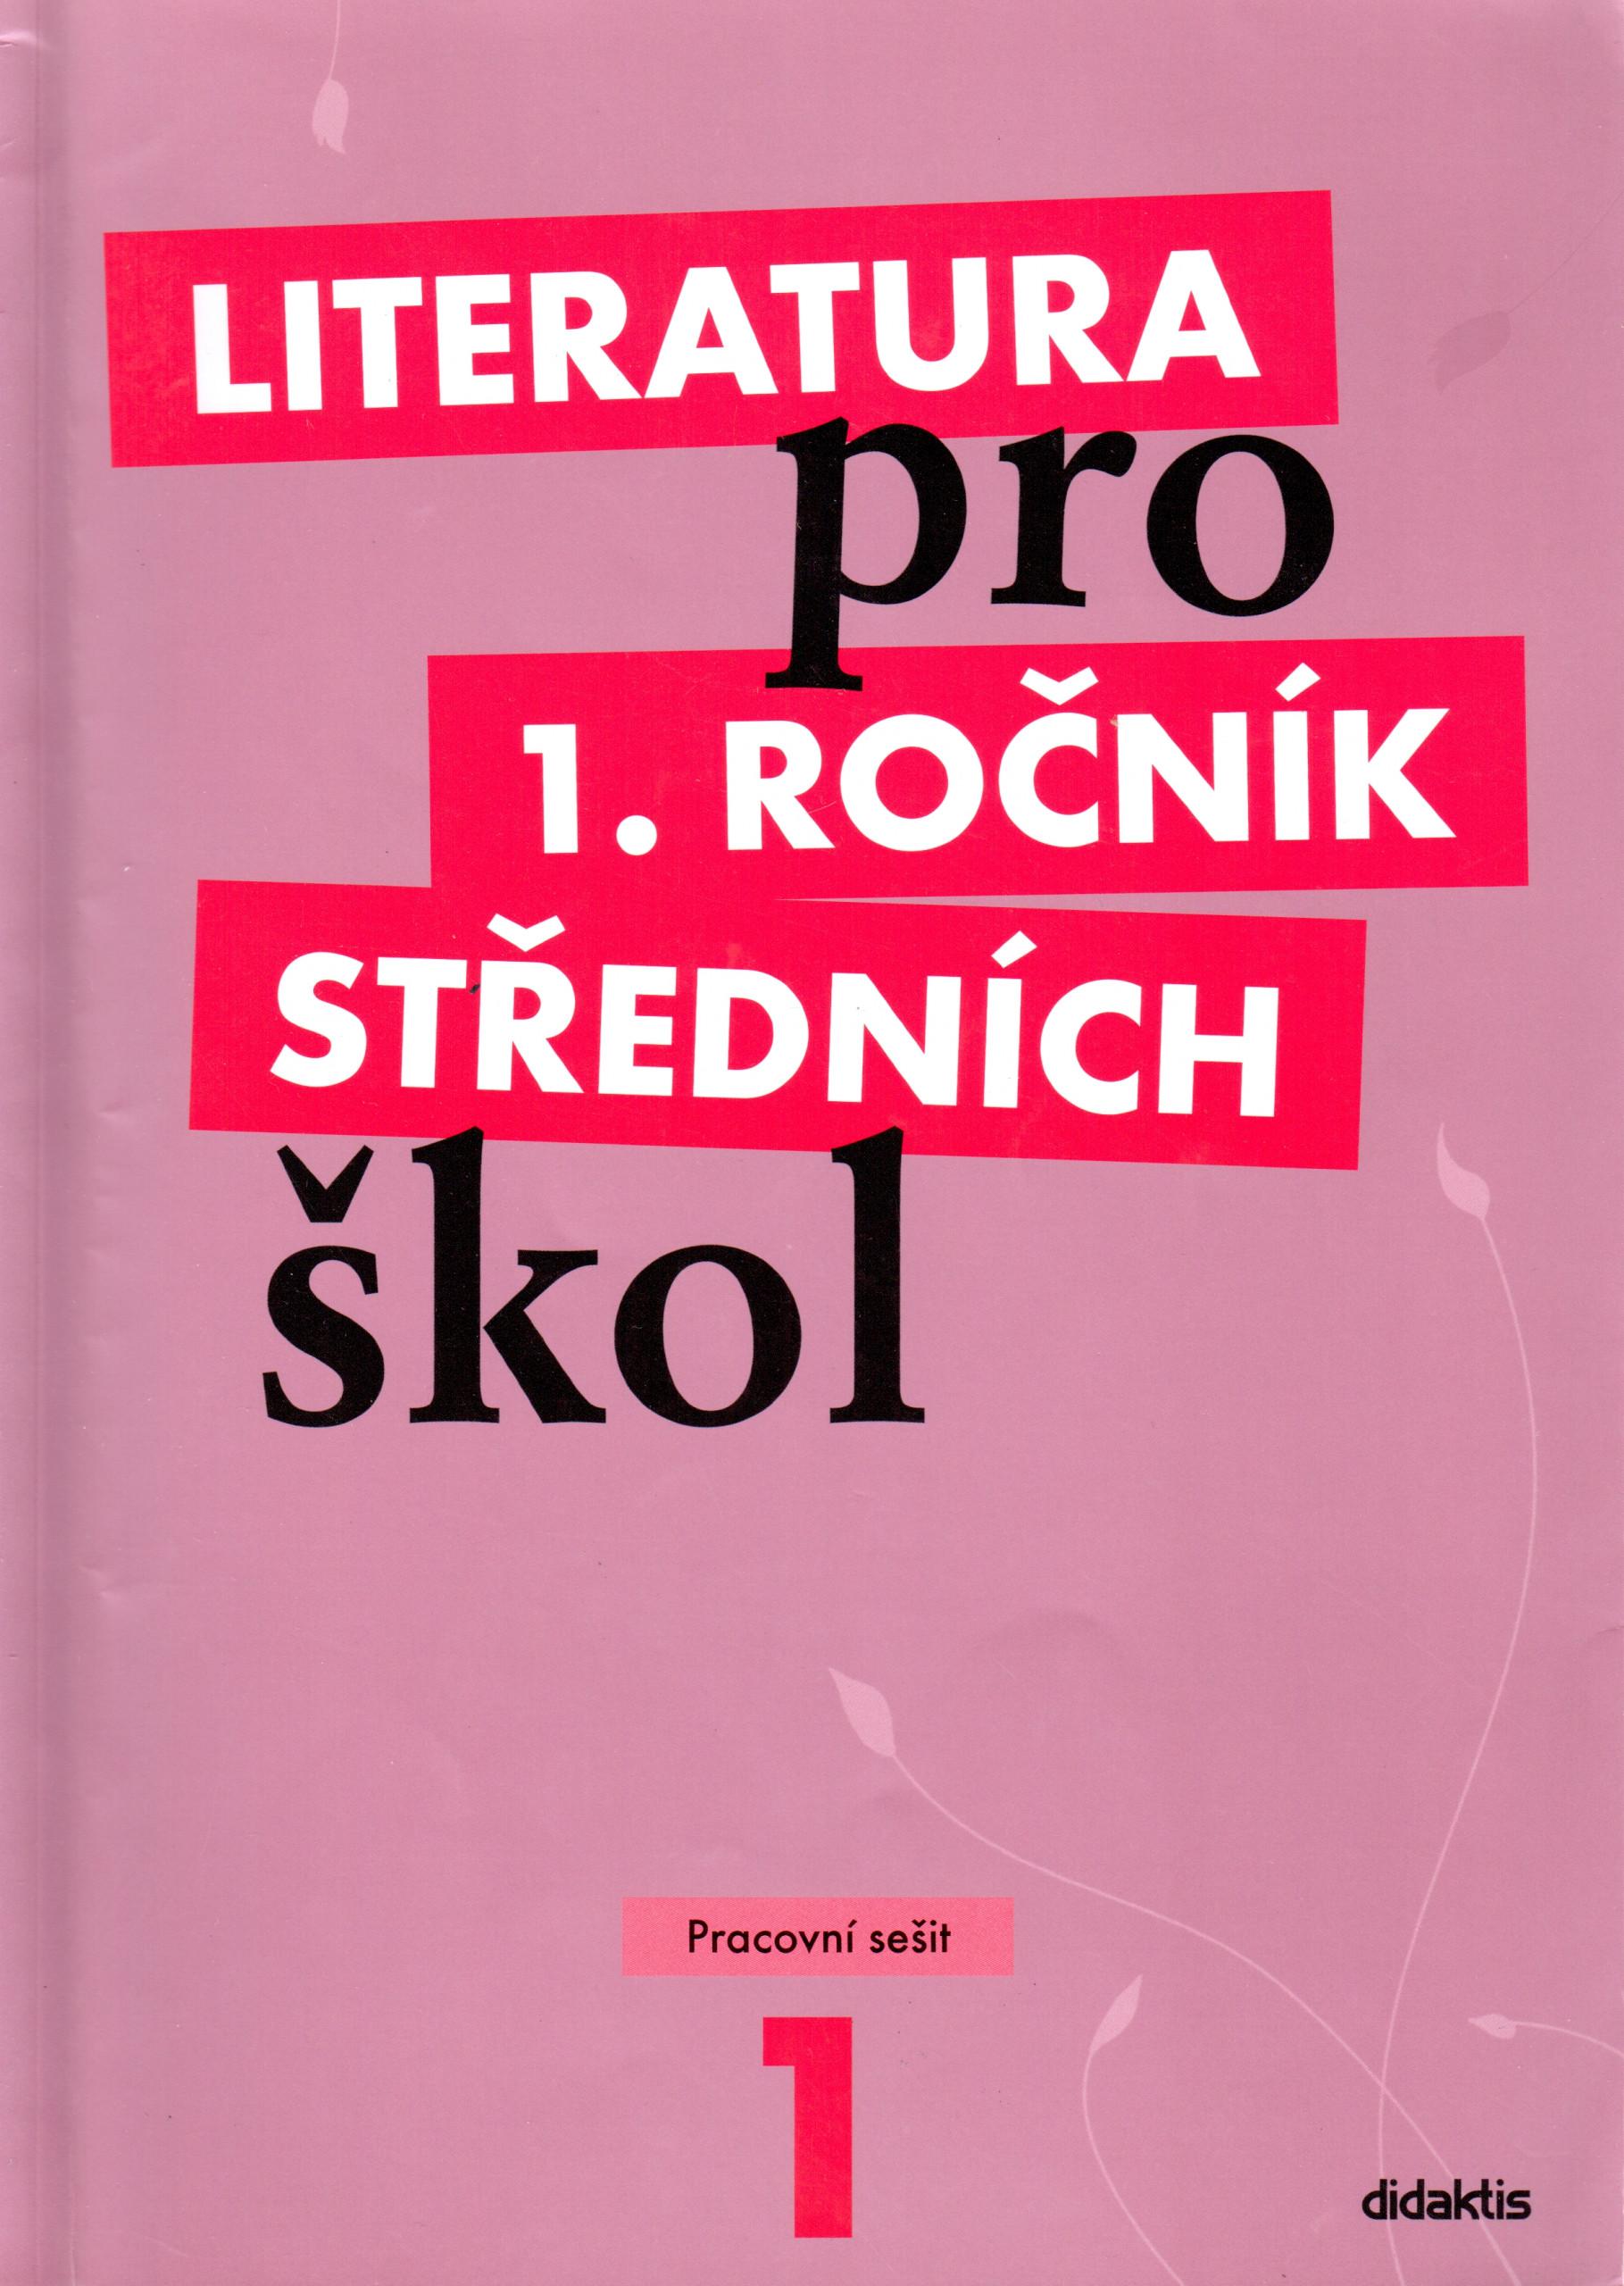 Literatura pro 1. ročník středních škol (pracovní sešit) - Náhled učebnice